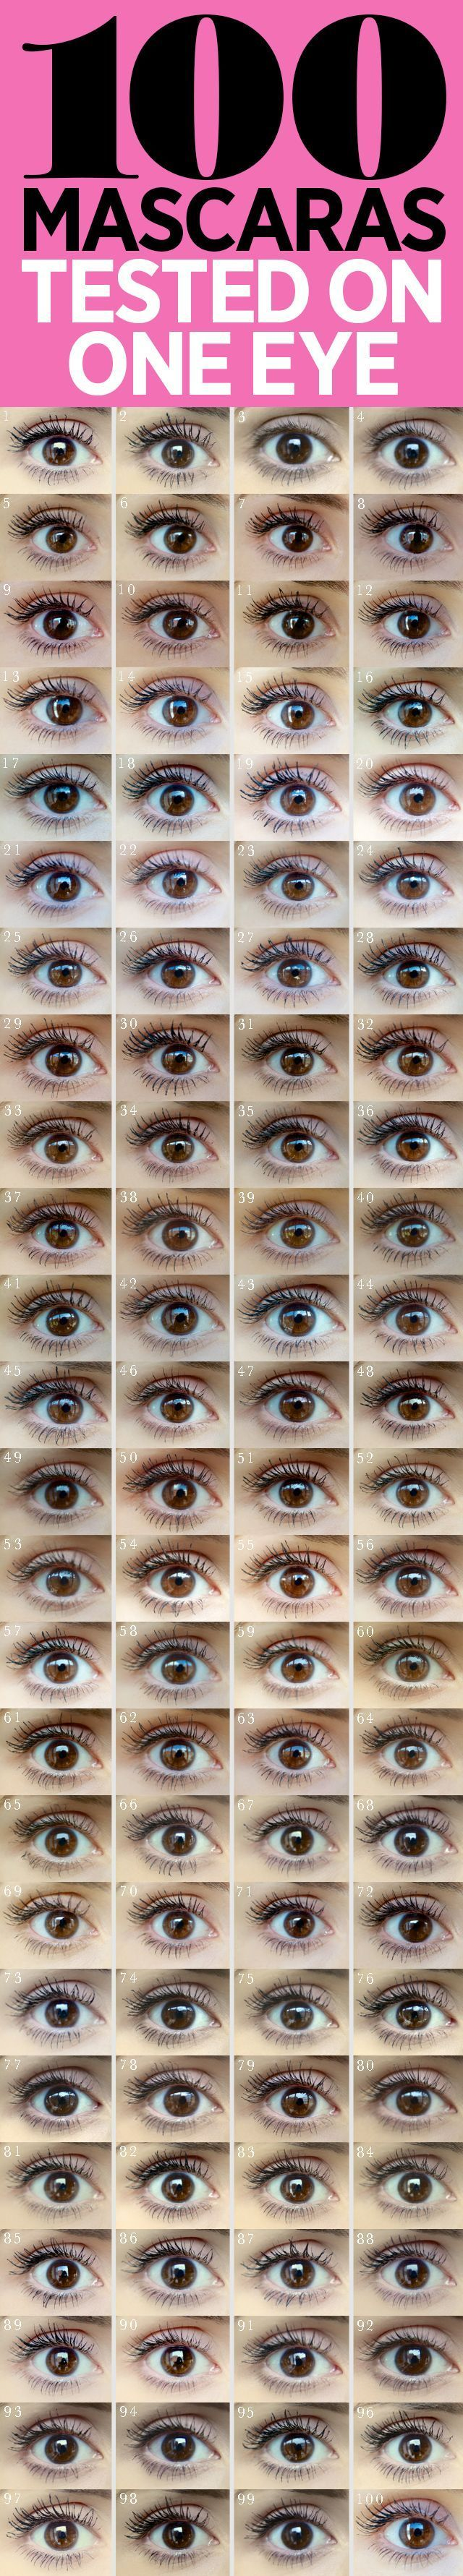 100 mascaras tested on one eye